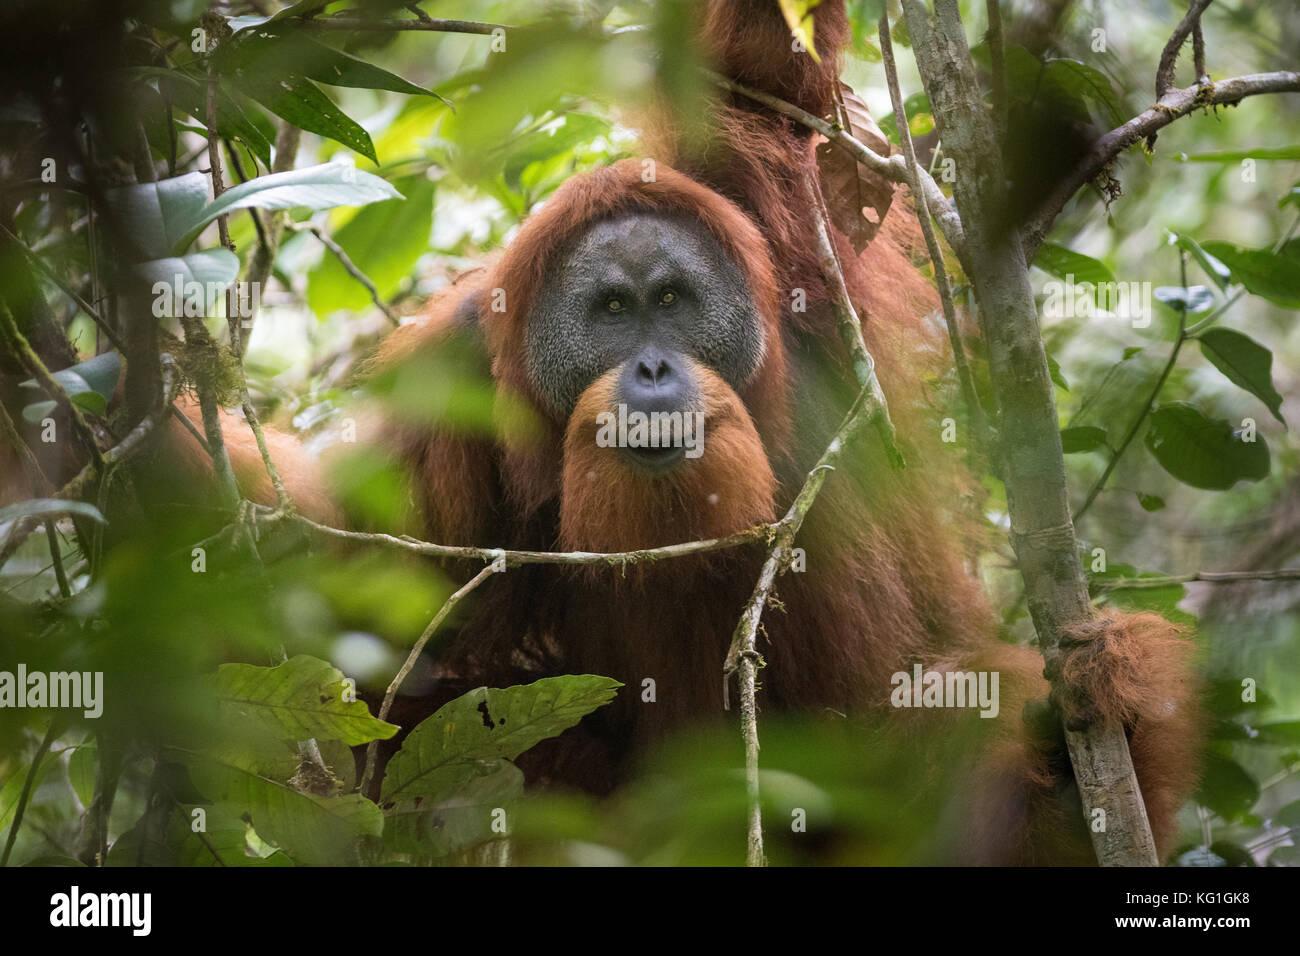 Togos, il maschio alfa dell'area. nuove specie orangutan scoperto in batang toru, Nord Sumatra. Essi sono sull'orlo Immagini Stock